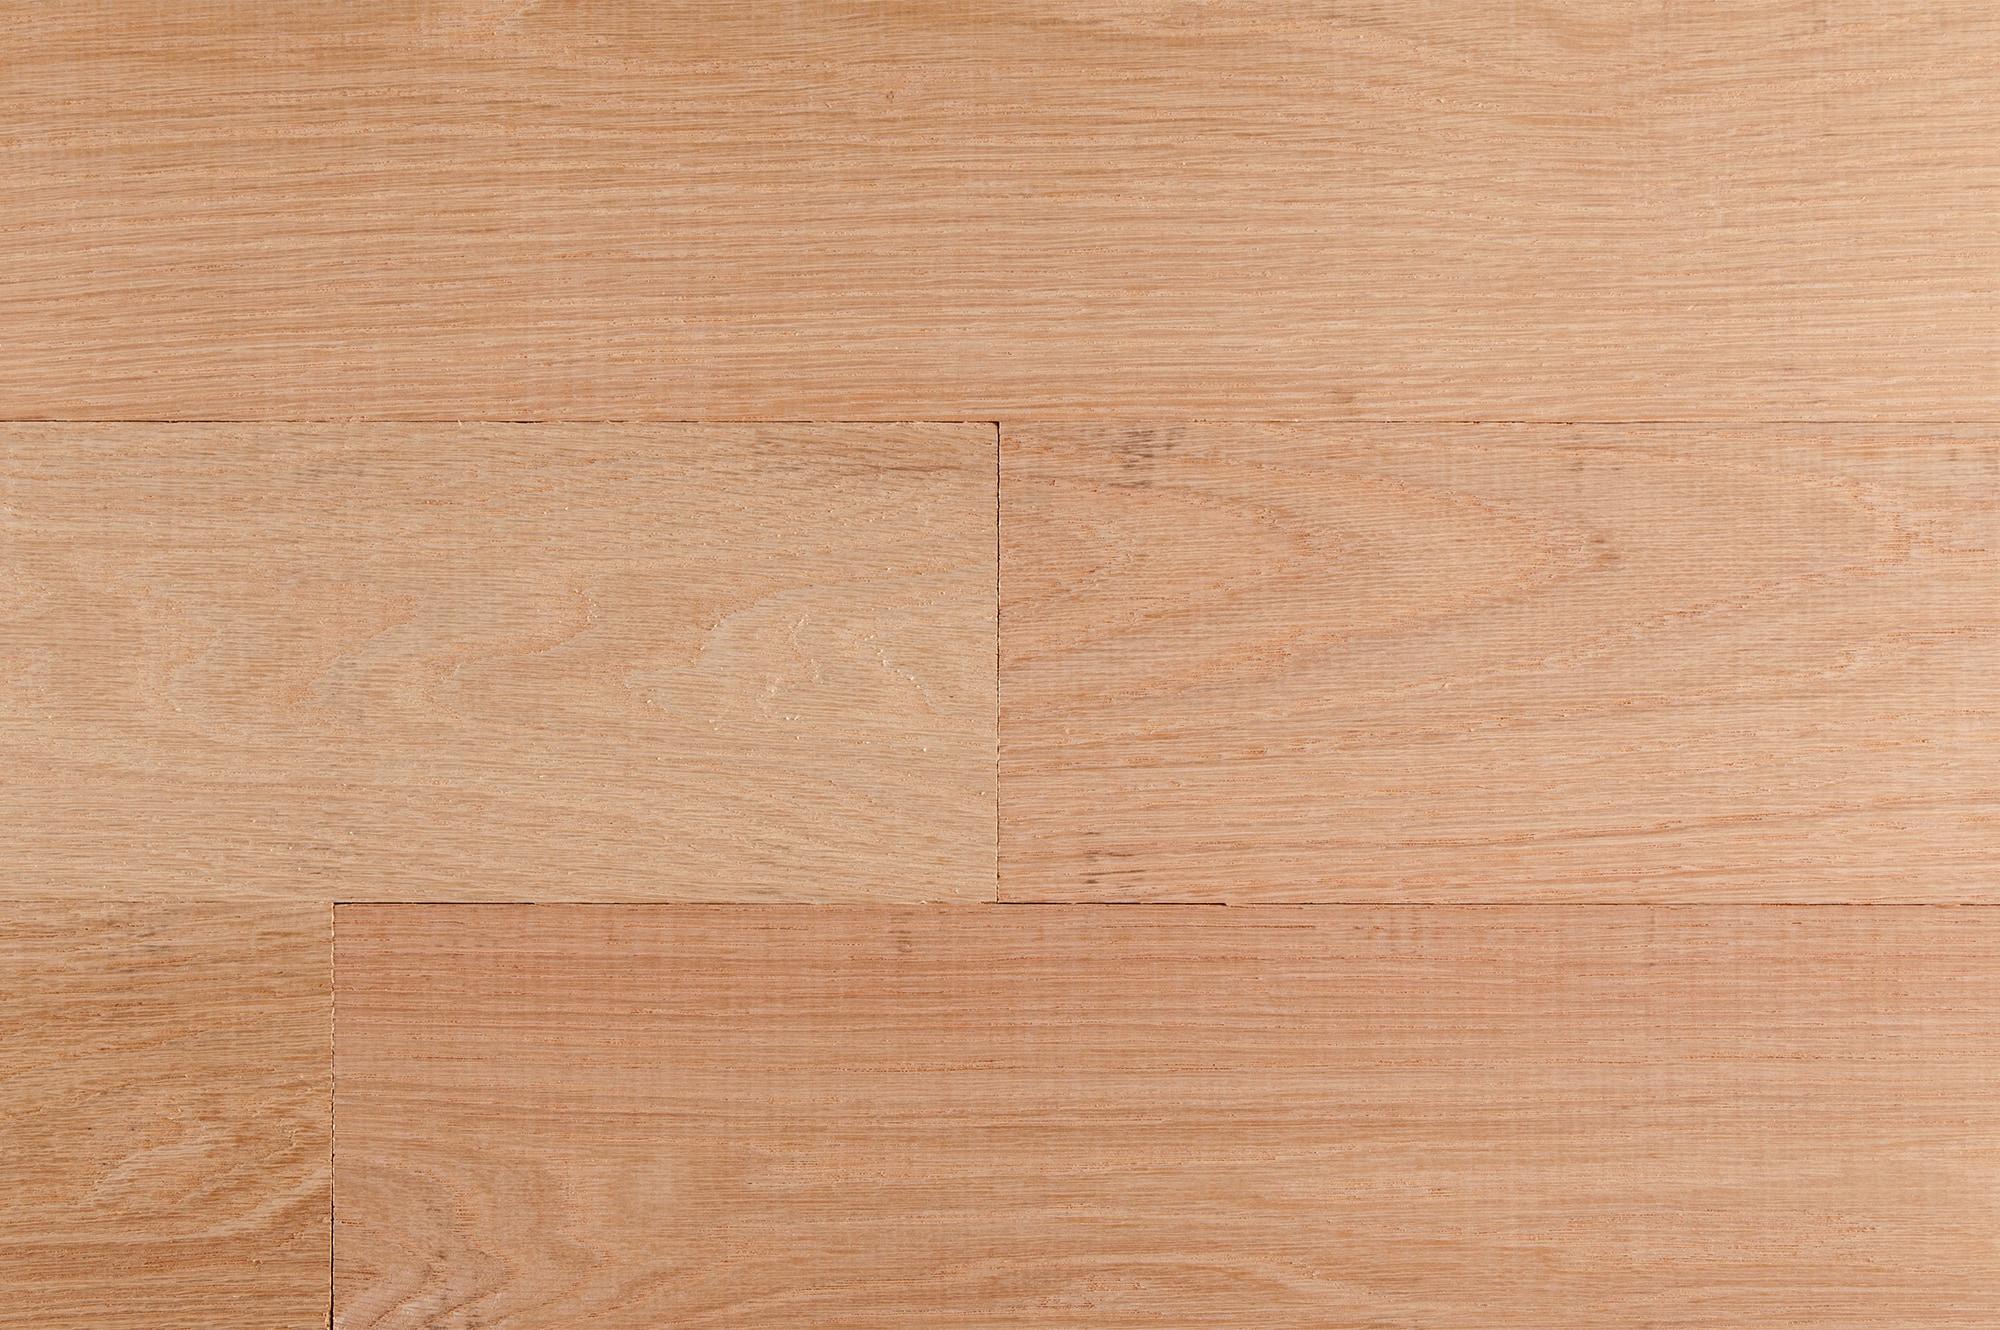 restoration timber floors floor reclaimed jpg white unfinished oak flooring